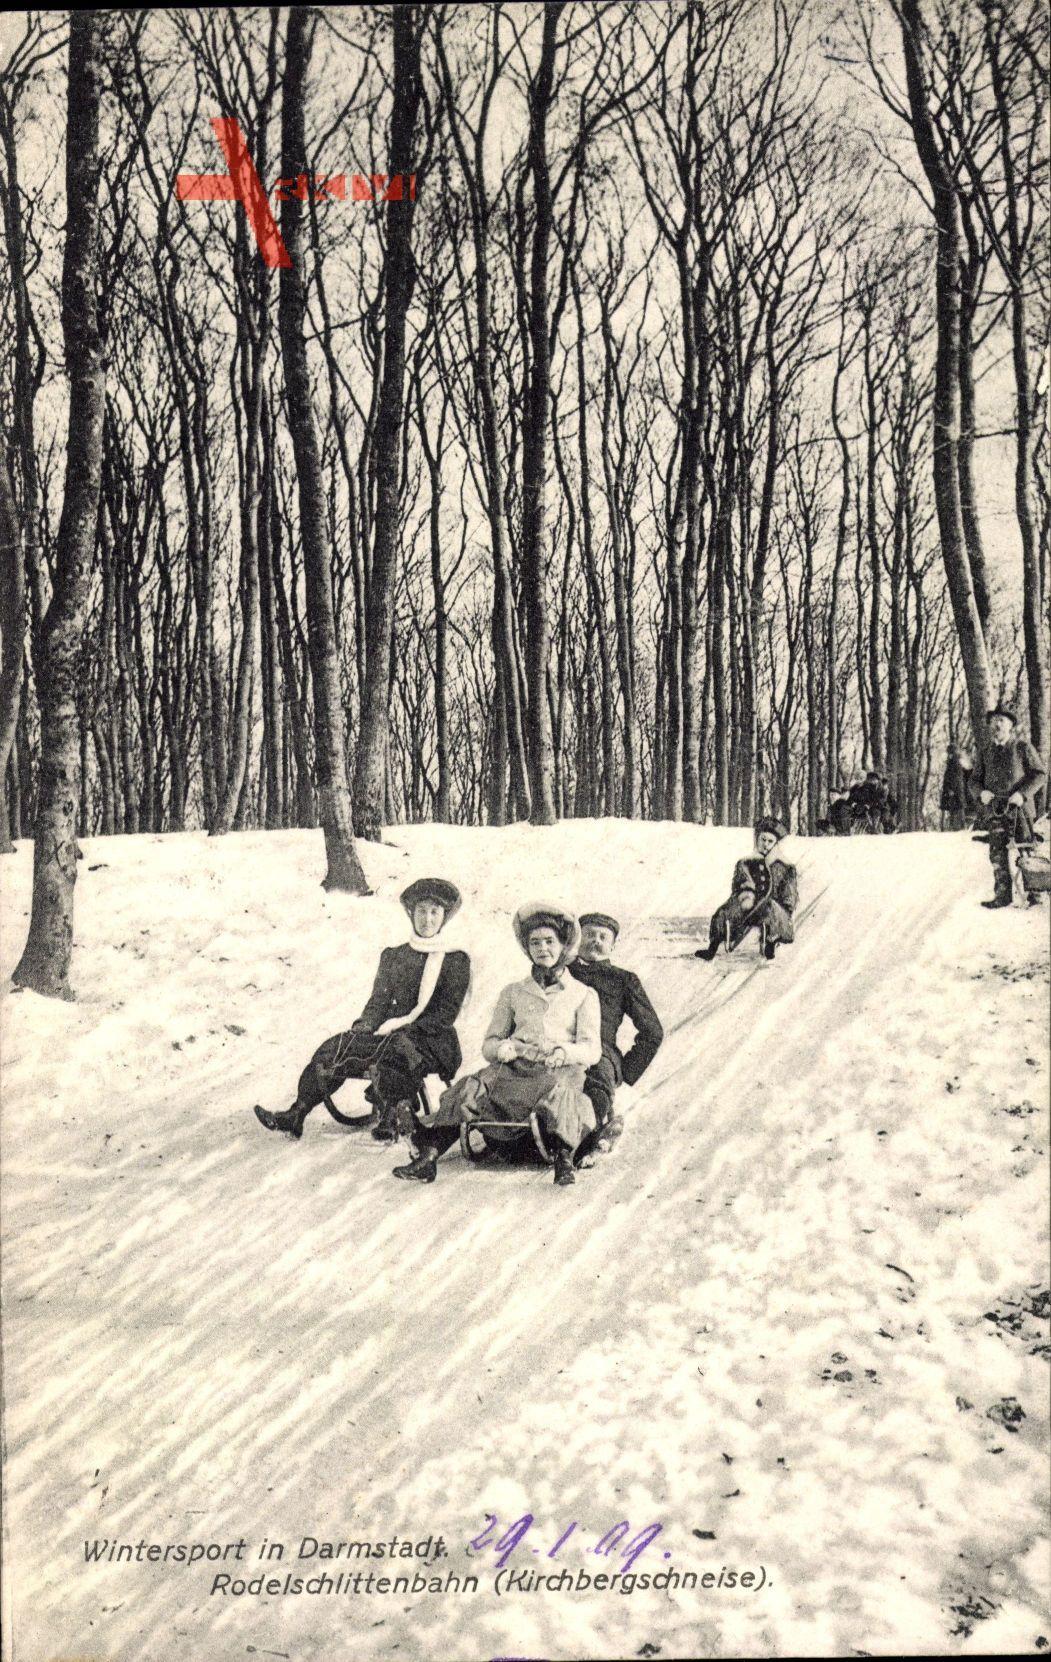 Rodelschlittenbahn im Winter in der Kirchbergschneise in Darmstadt um 1909